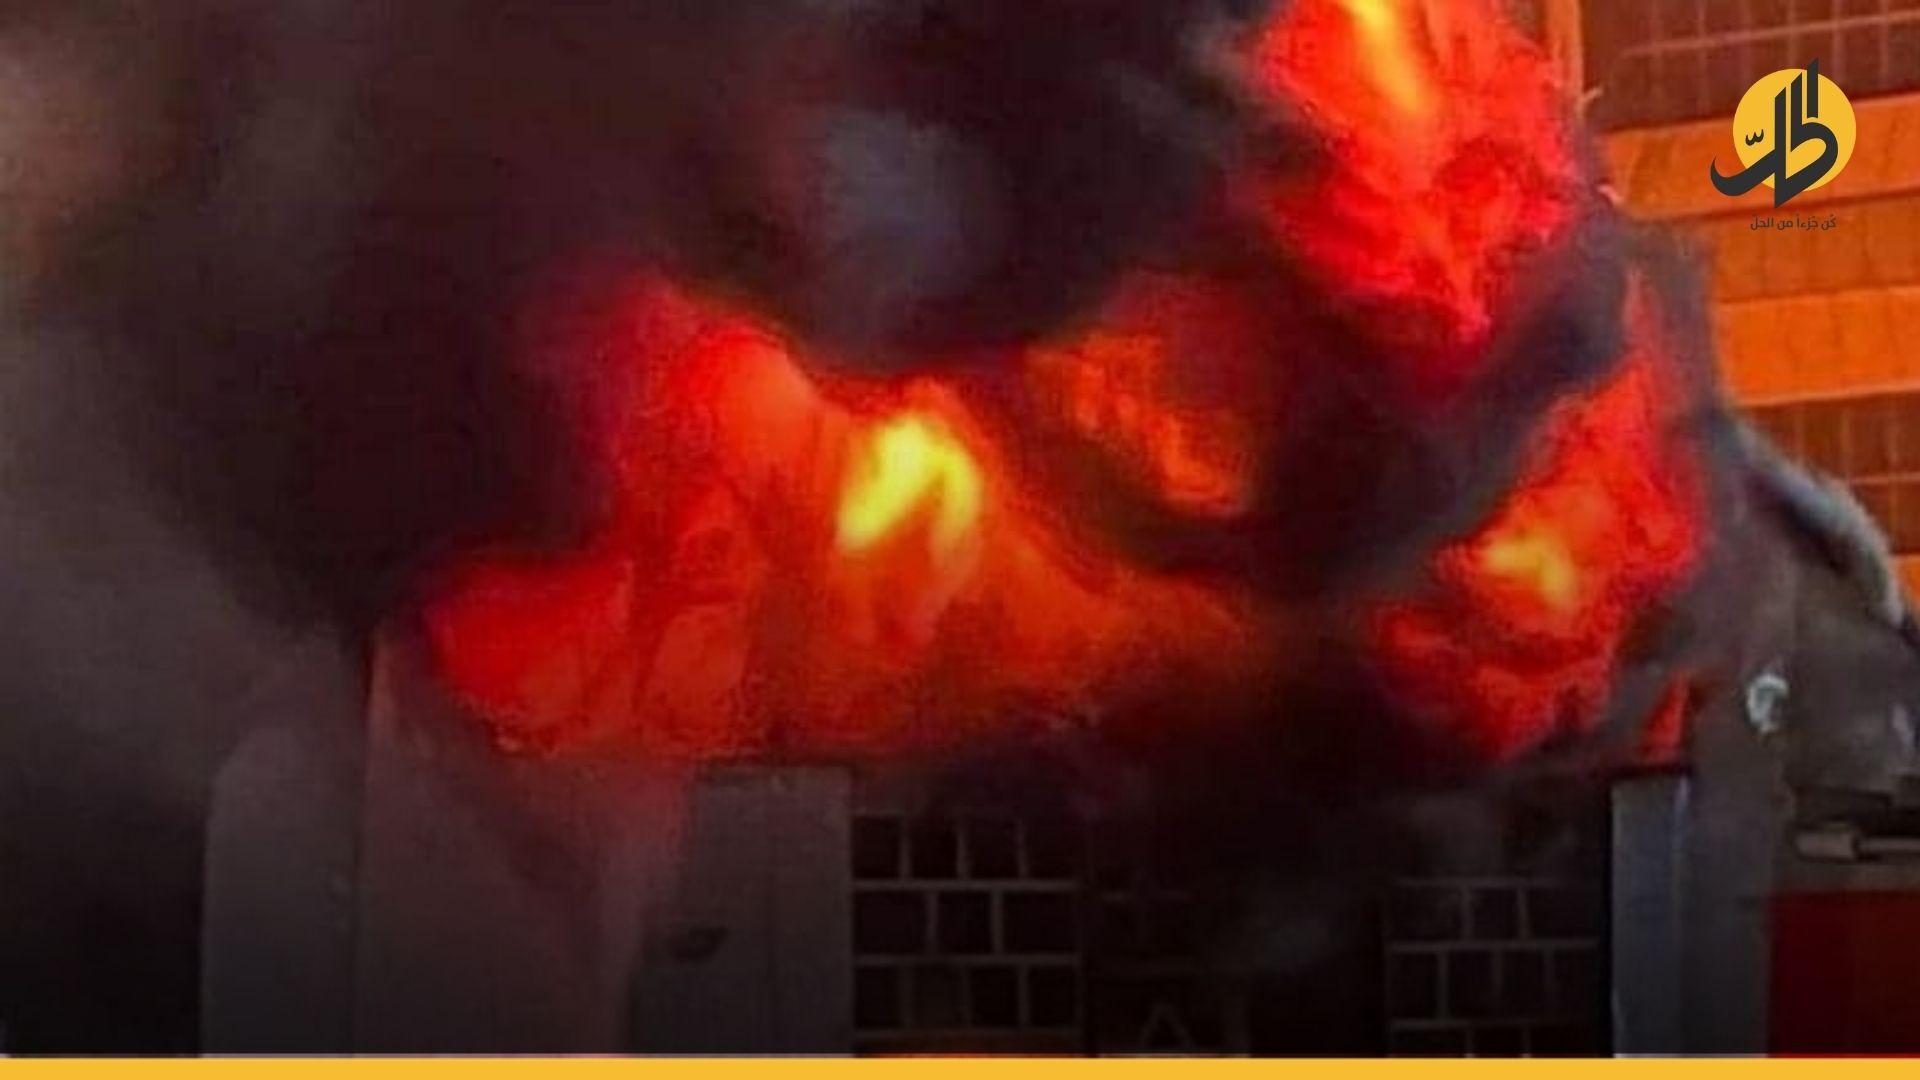 """تفاصيل """"مؤلمة"""" عن حريق مستشفى الحسين في الناصرية.. """"دُفنوا أحياء"""""""